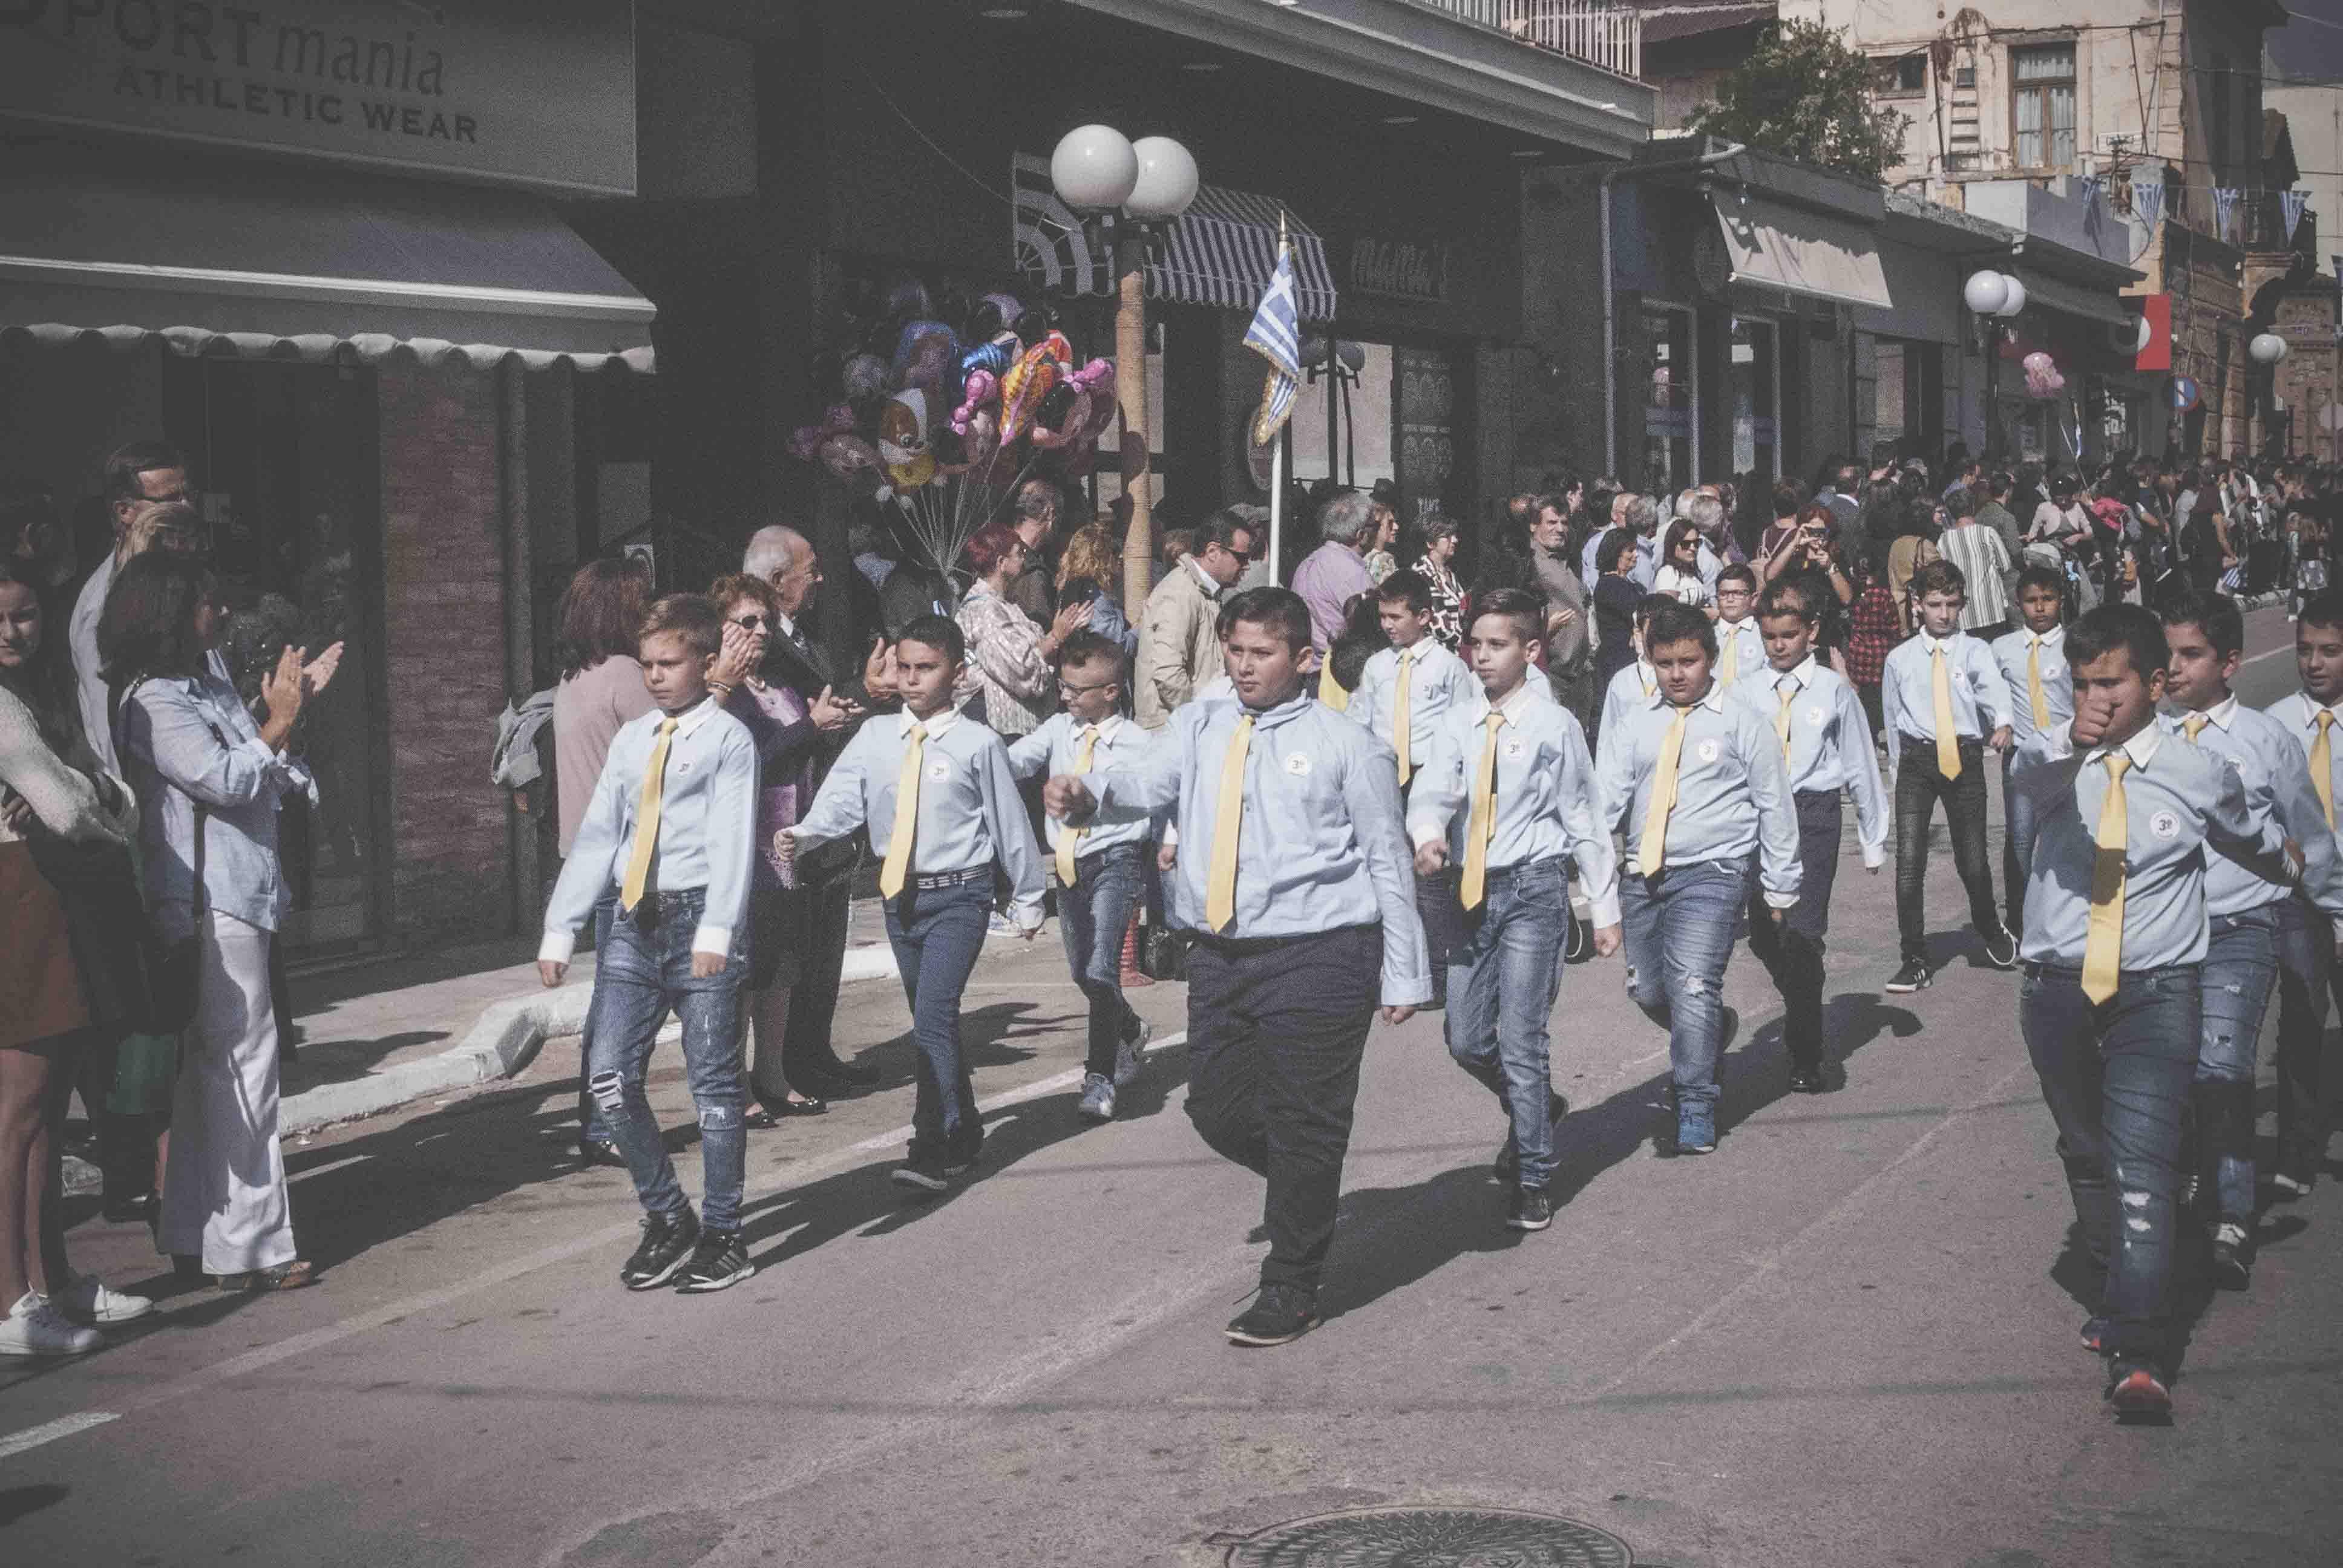 Φωτογραφικό υλικό από την παρέλαση στα Ψαχνά DSC 0385  Η παρέλαση της 28ης Οκτωβρίου σε Καστέλλα και Ψαχνά (φωτό) DSC 0385